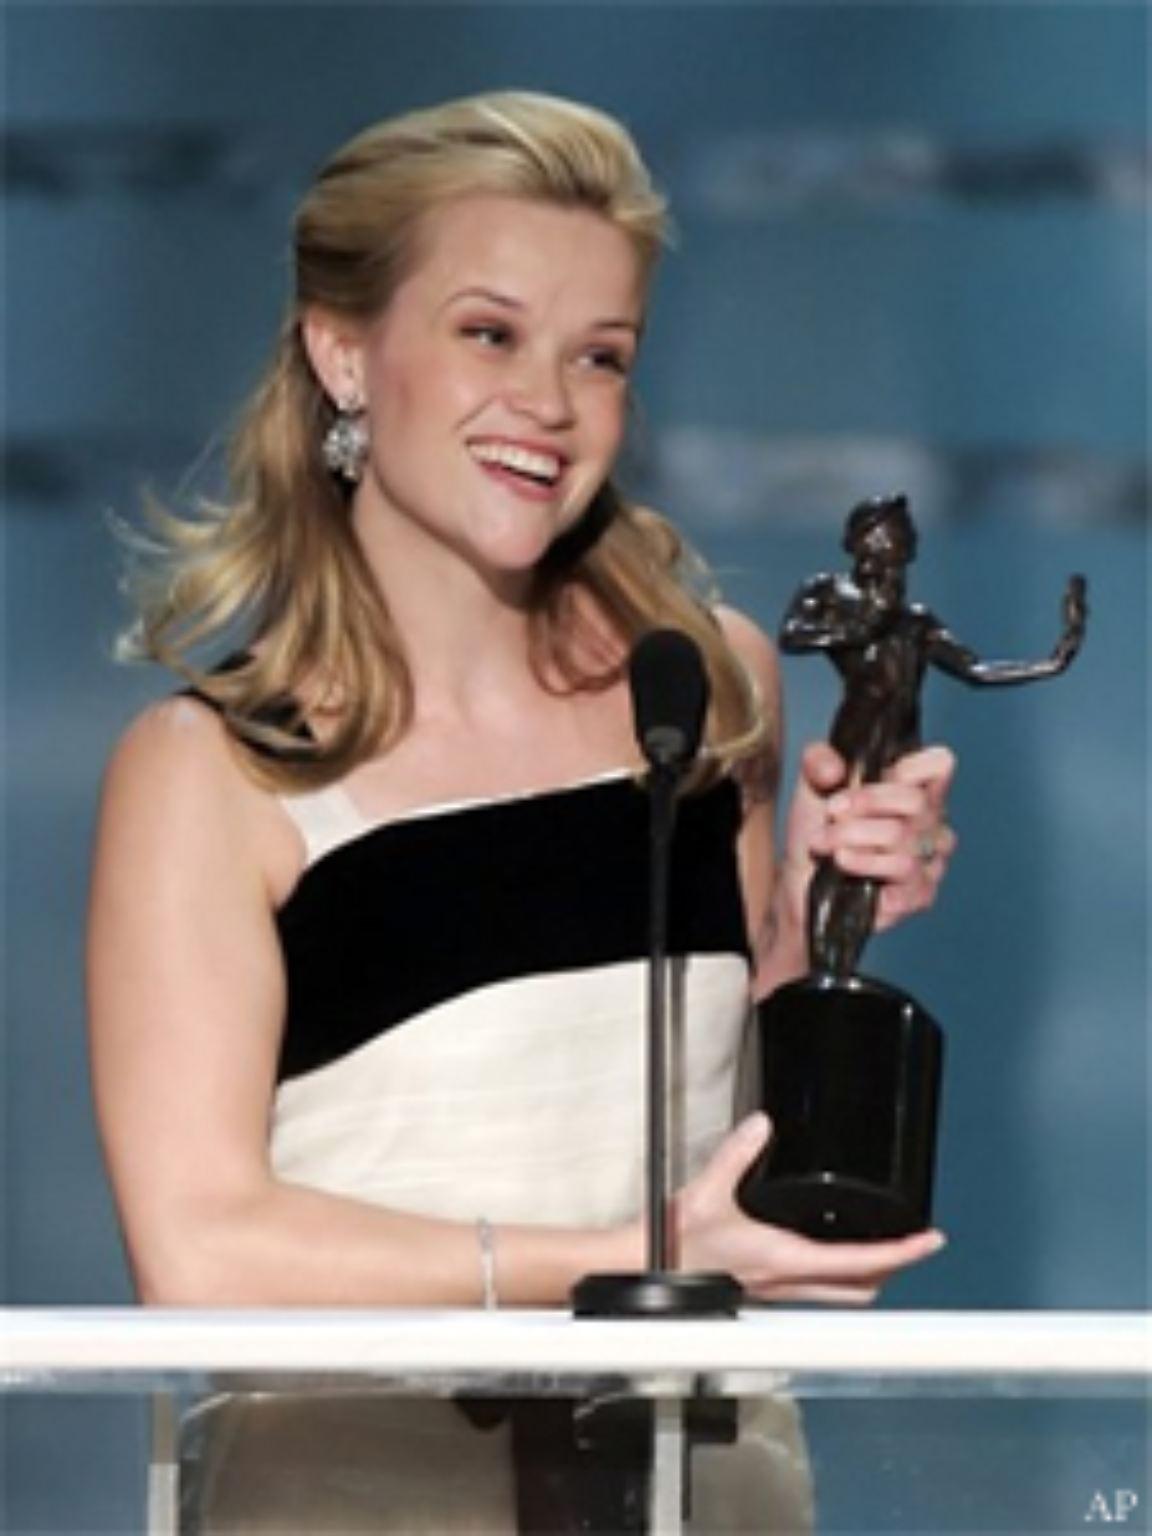 Gar Nicht Blod Die Meist Blonde Reese Witherspoon N Tv De